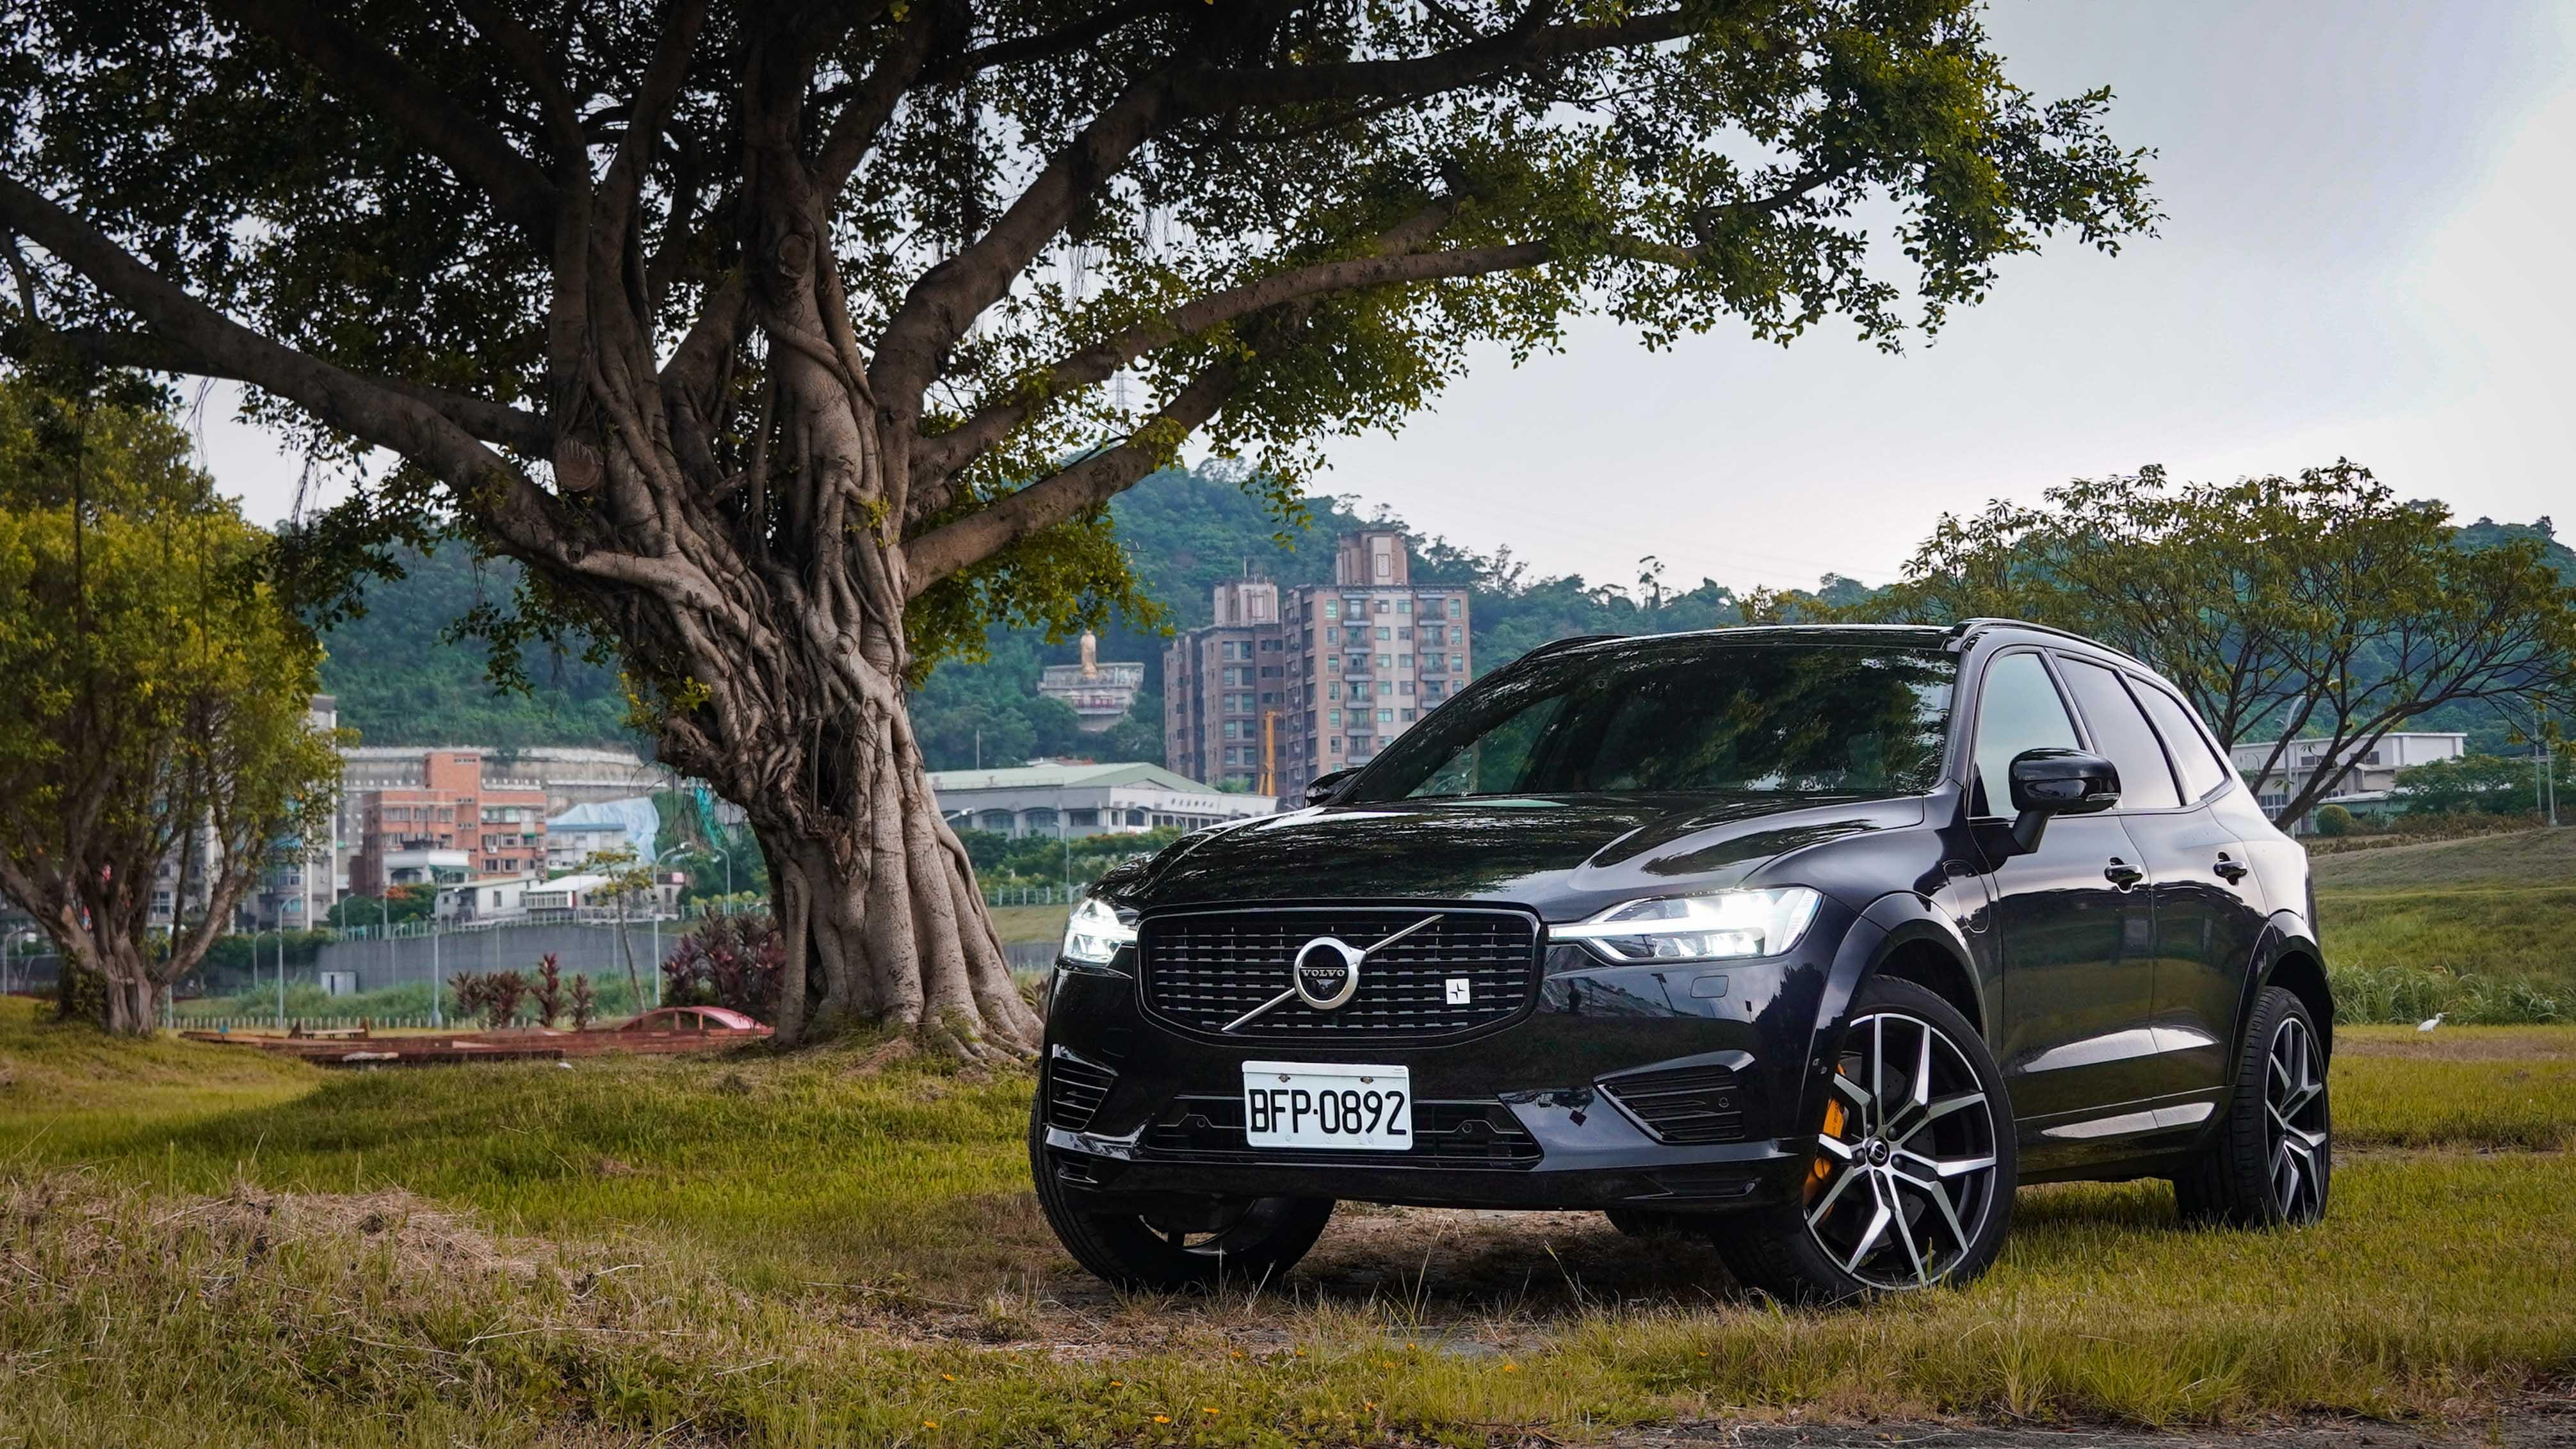 Volvo XC60 T8 Polestar Engineered 是錦上添花,但誰會買單?